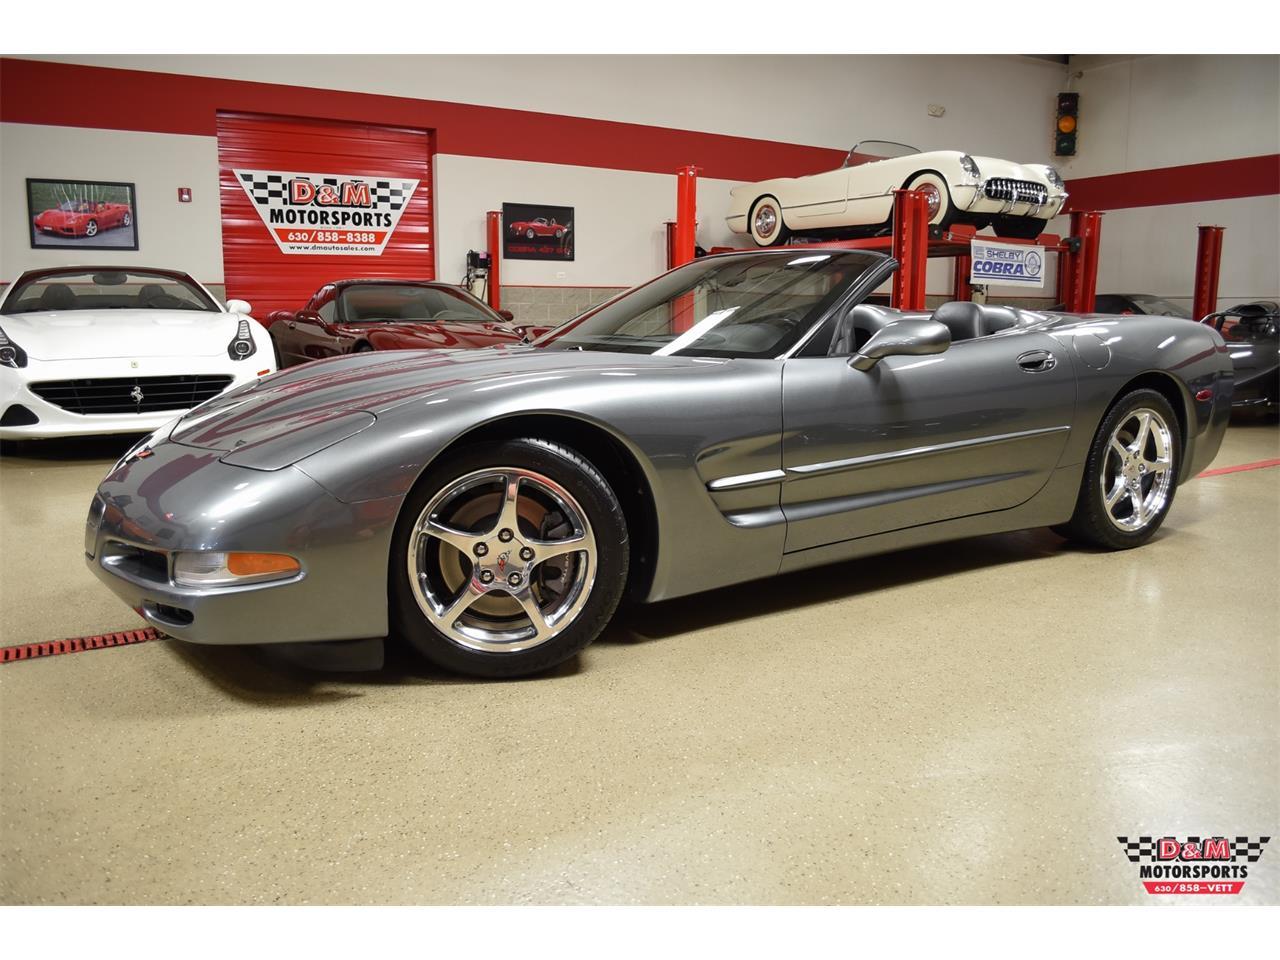 2004 Chevrolet Corvette (CC-1353536) for sale in Glen Ellyn, Illinois